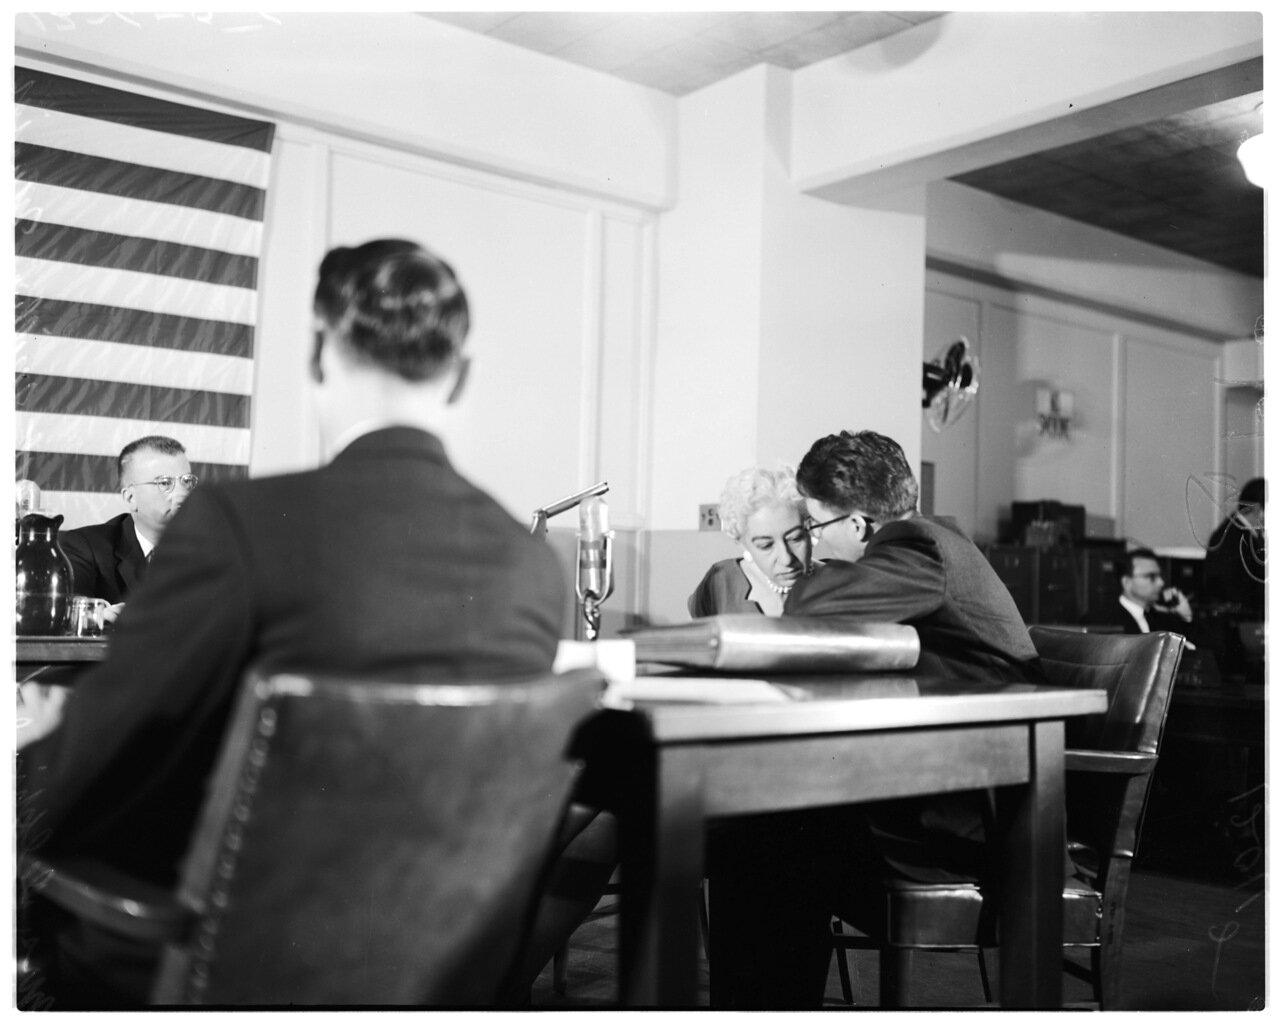 1956. 6 декабря. Комиссия по расследованию антиамериканской деятельности. Дельфина Смит и адвокат Мюриш